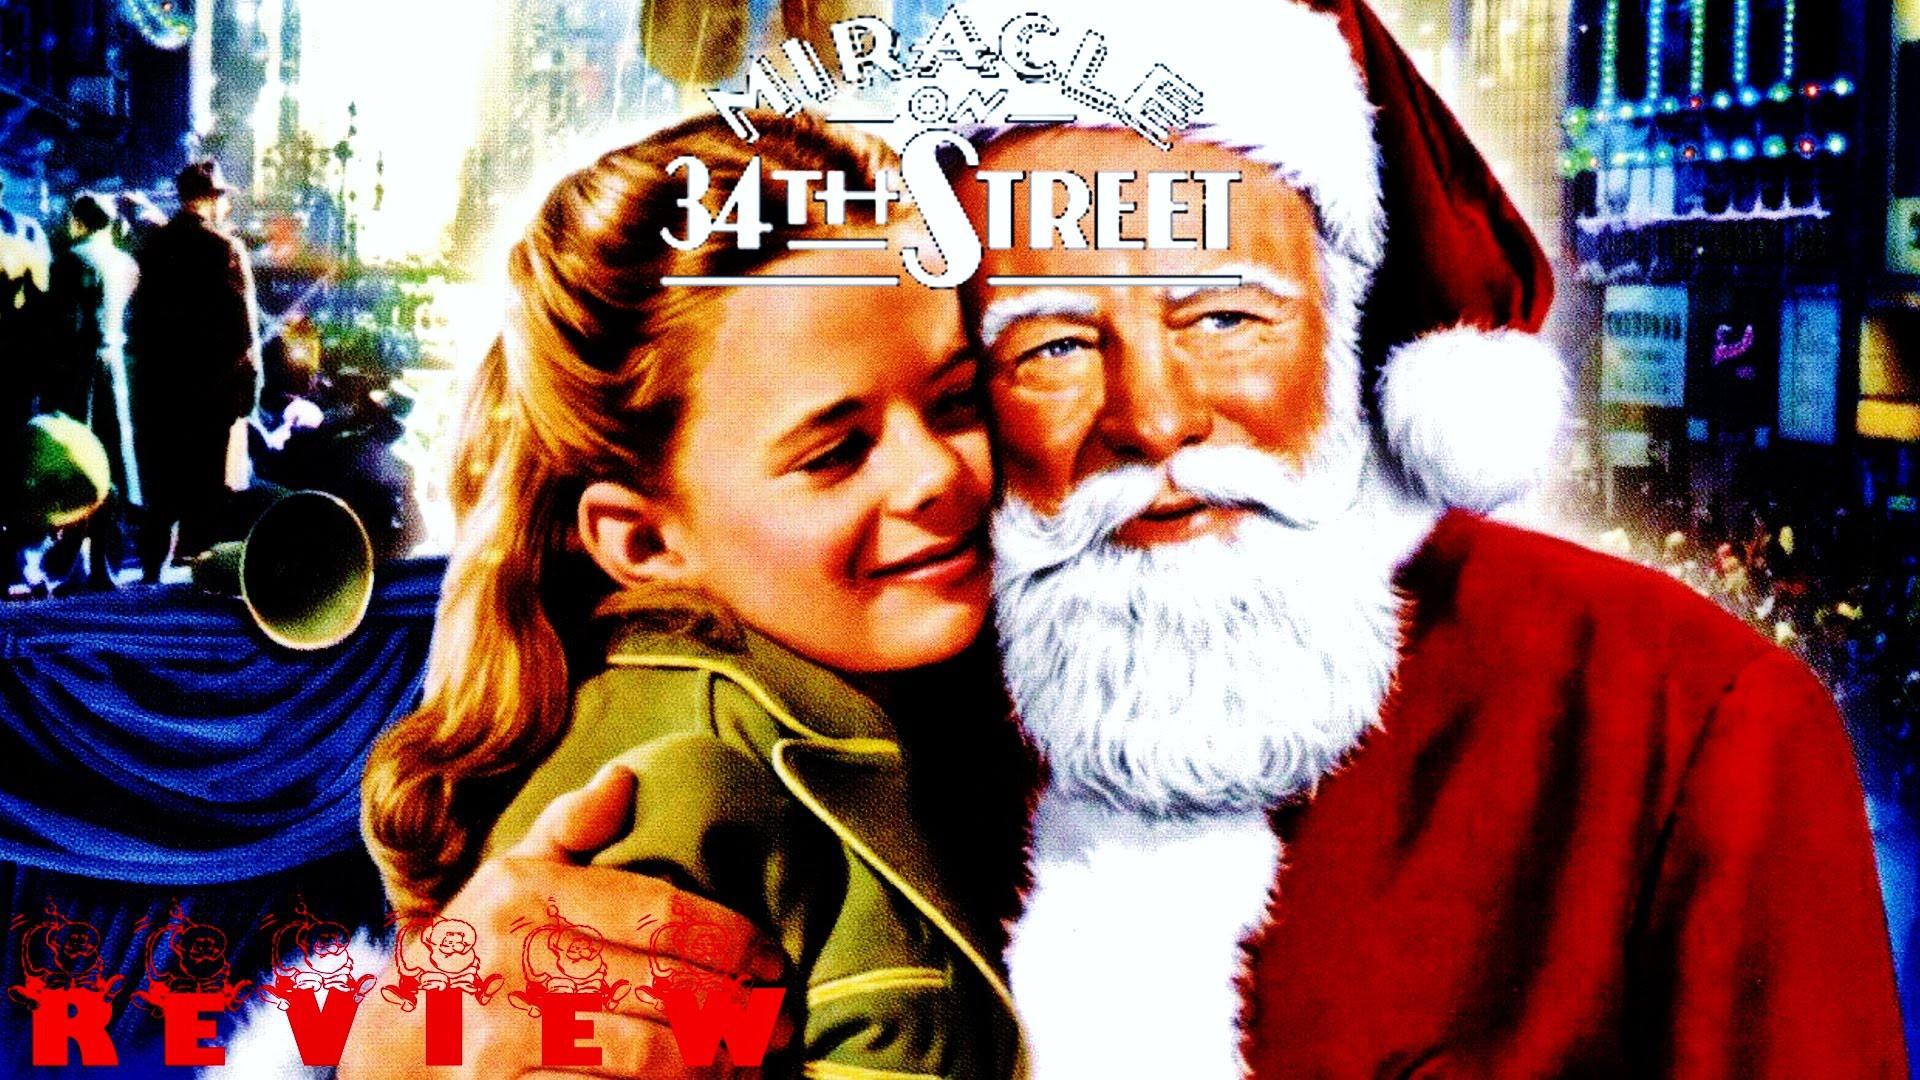 12 tựa phim Giáng sinh hay nhất mọi thời đại mà bạn tuyệt đối không nên bỏ qua! - Ảnh 2.